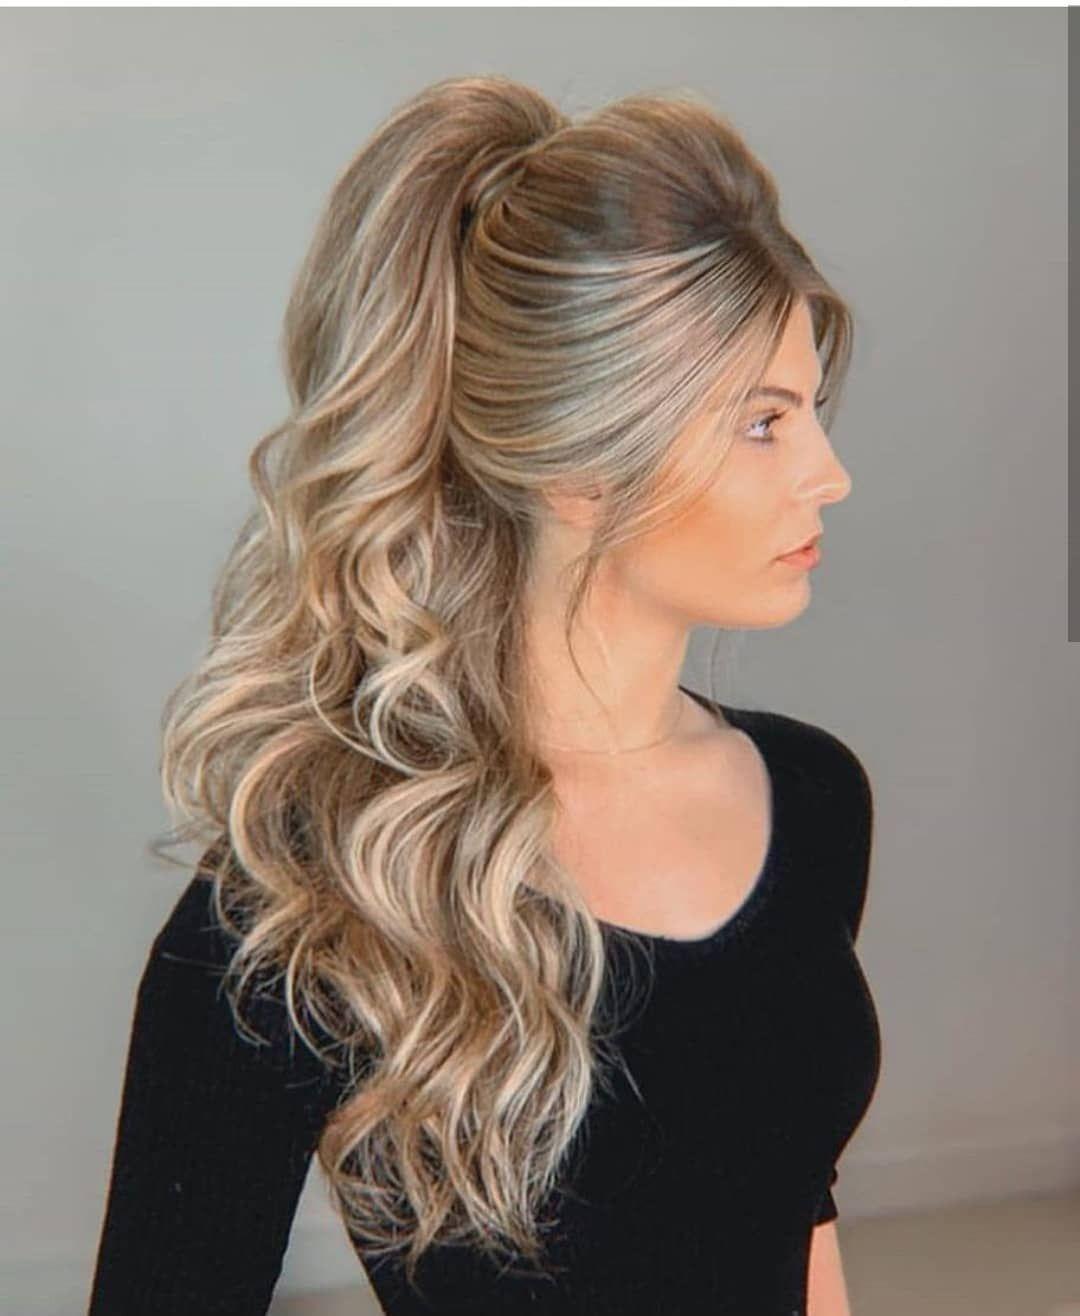 Penteado madrinha 2020   Penteados noiva cabelo longo ...